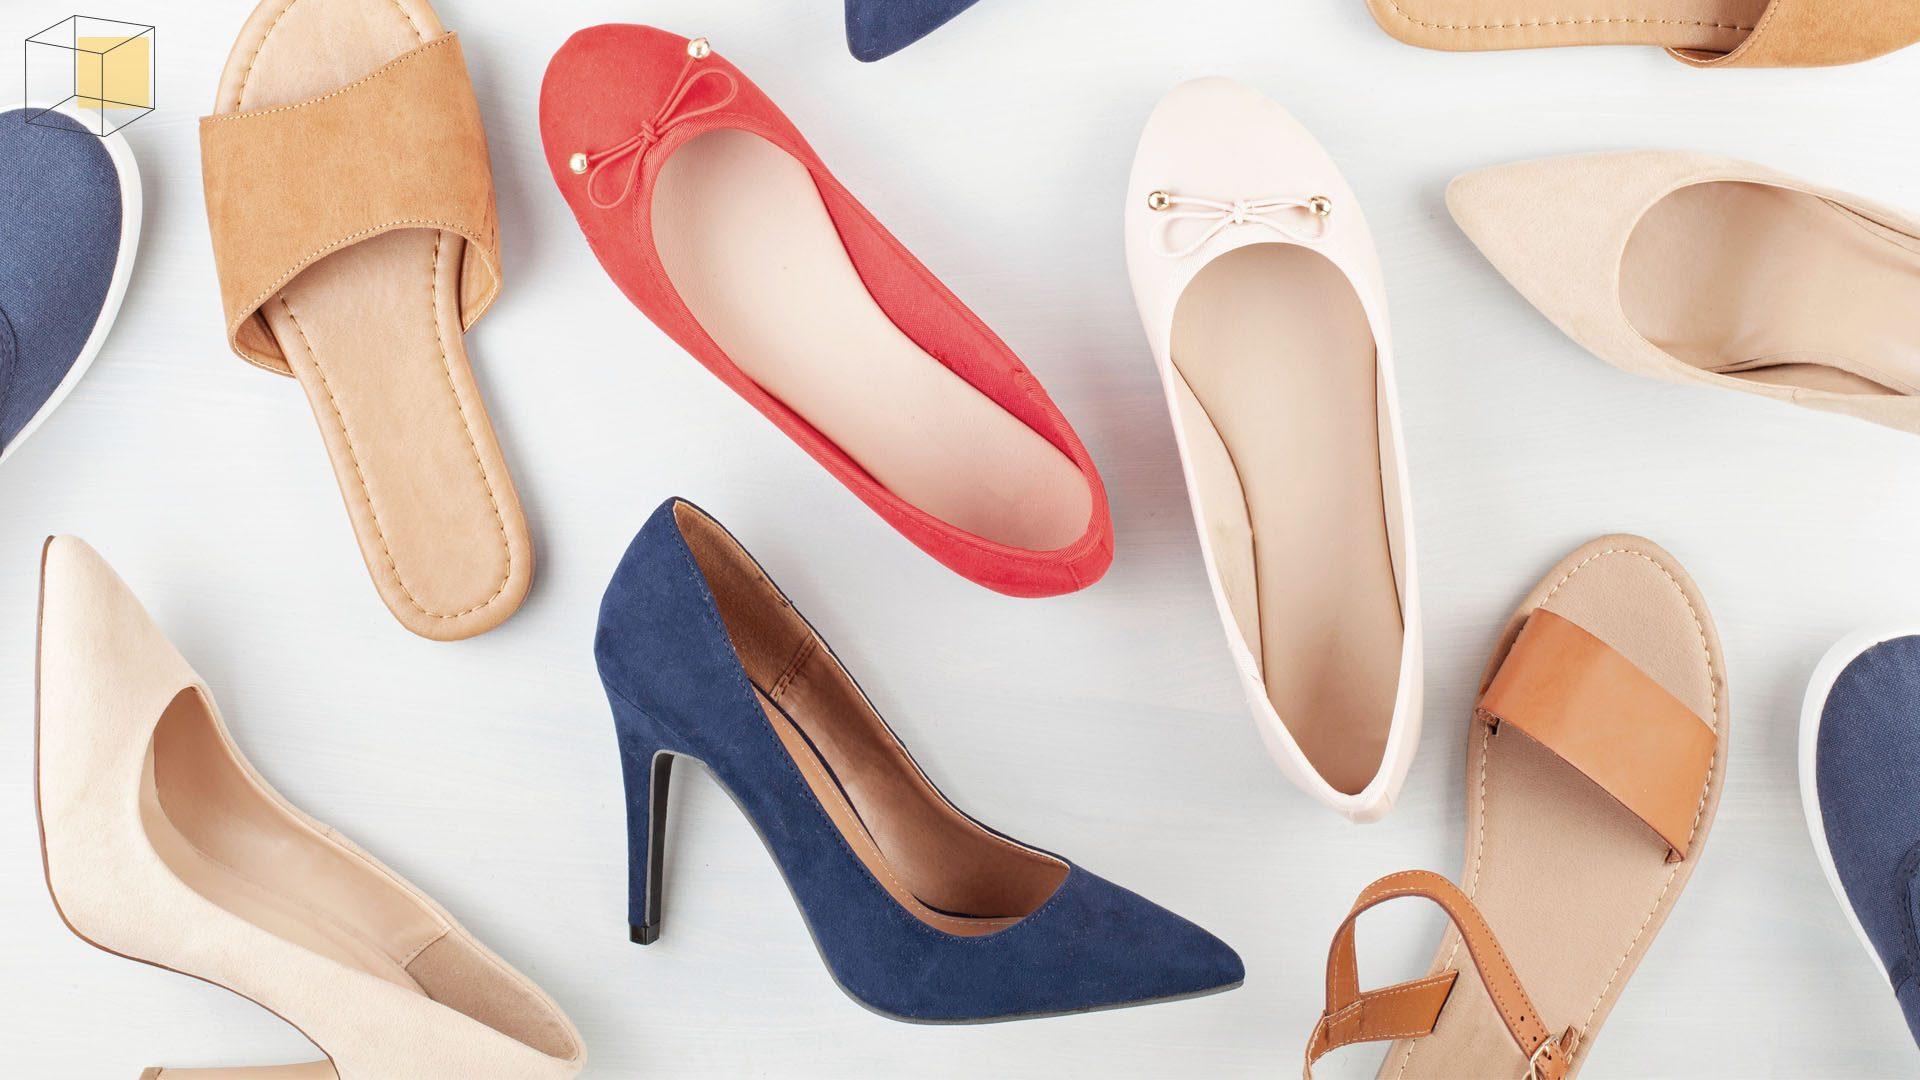 เทคนิคเลือกรองเท้าส้นสูงสำหรับคนท้อง